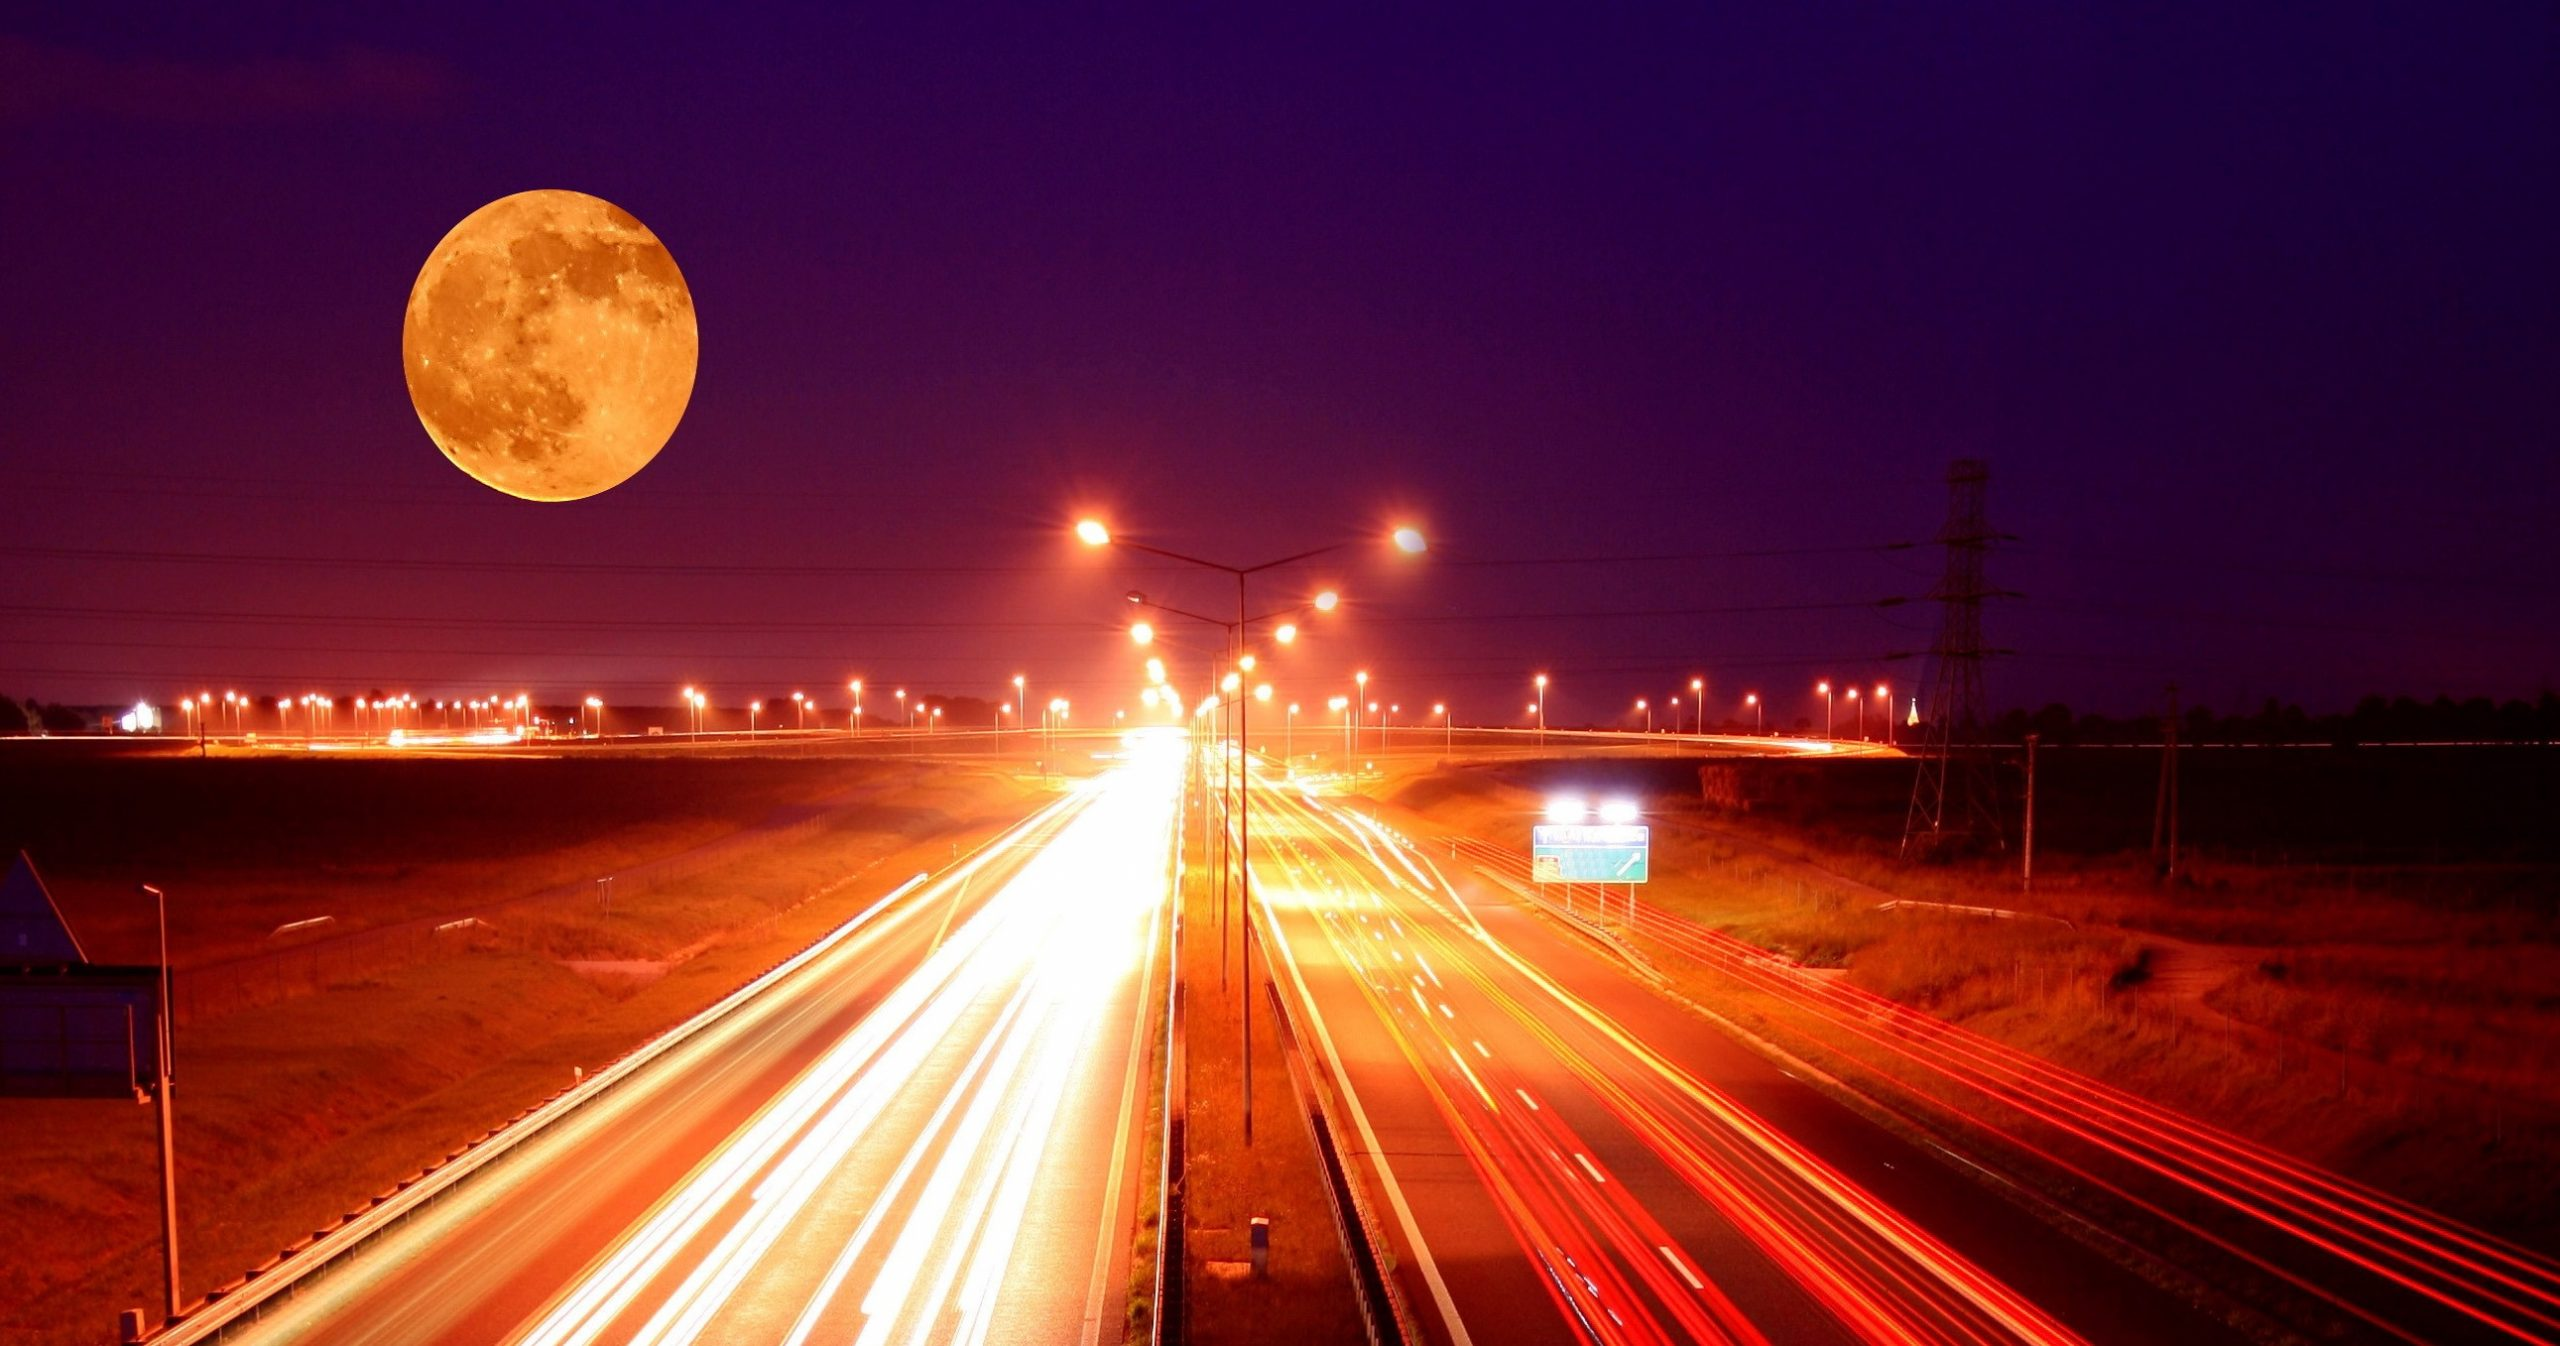 lua sobre avenida movimentada